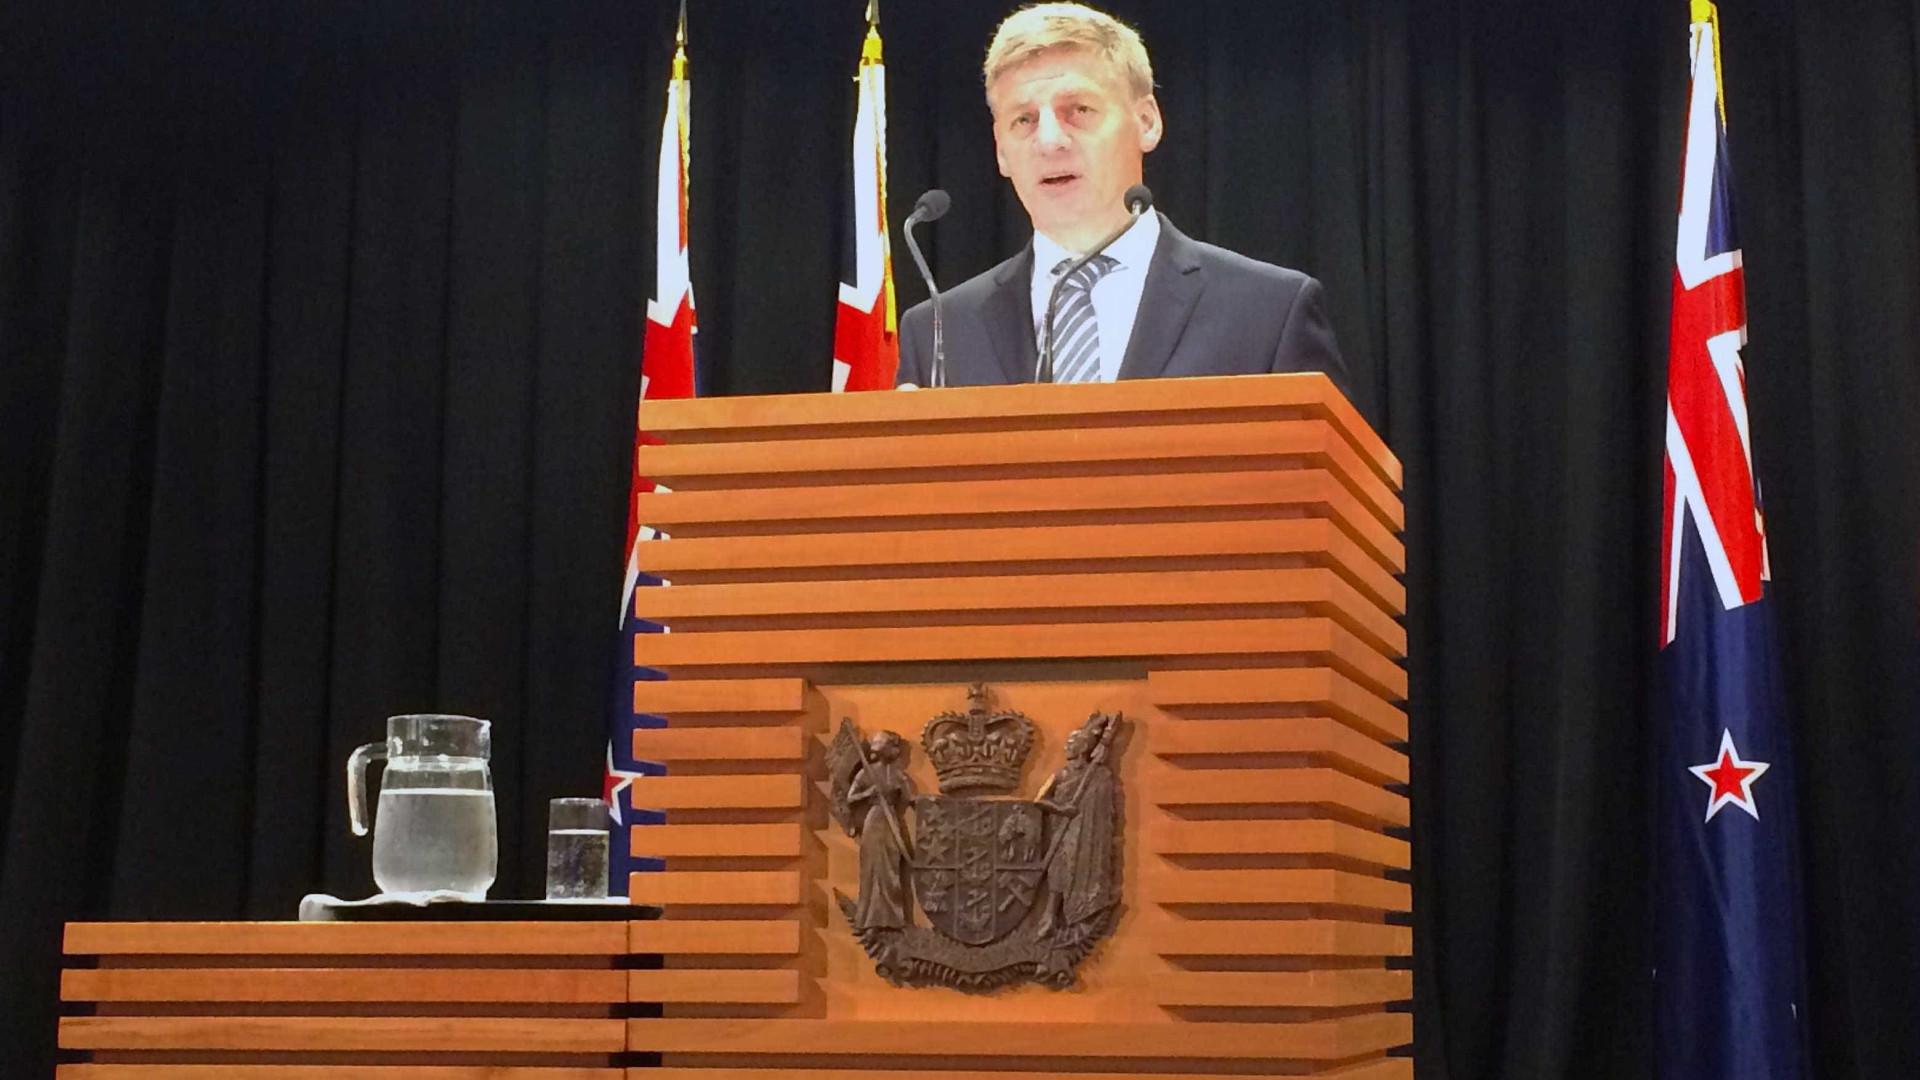 Nova Zelândia expulsa diplomata dos EUA durante investigação de crime